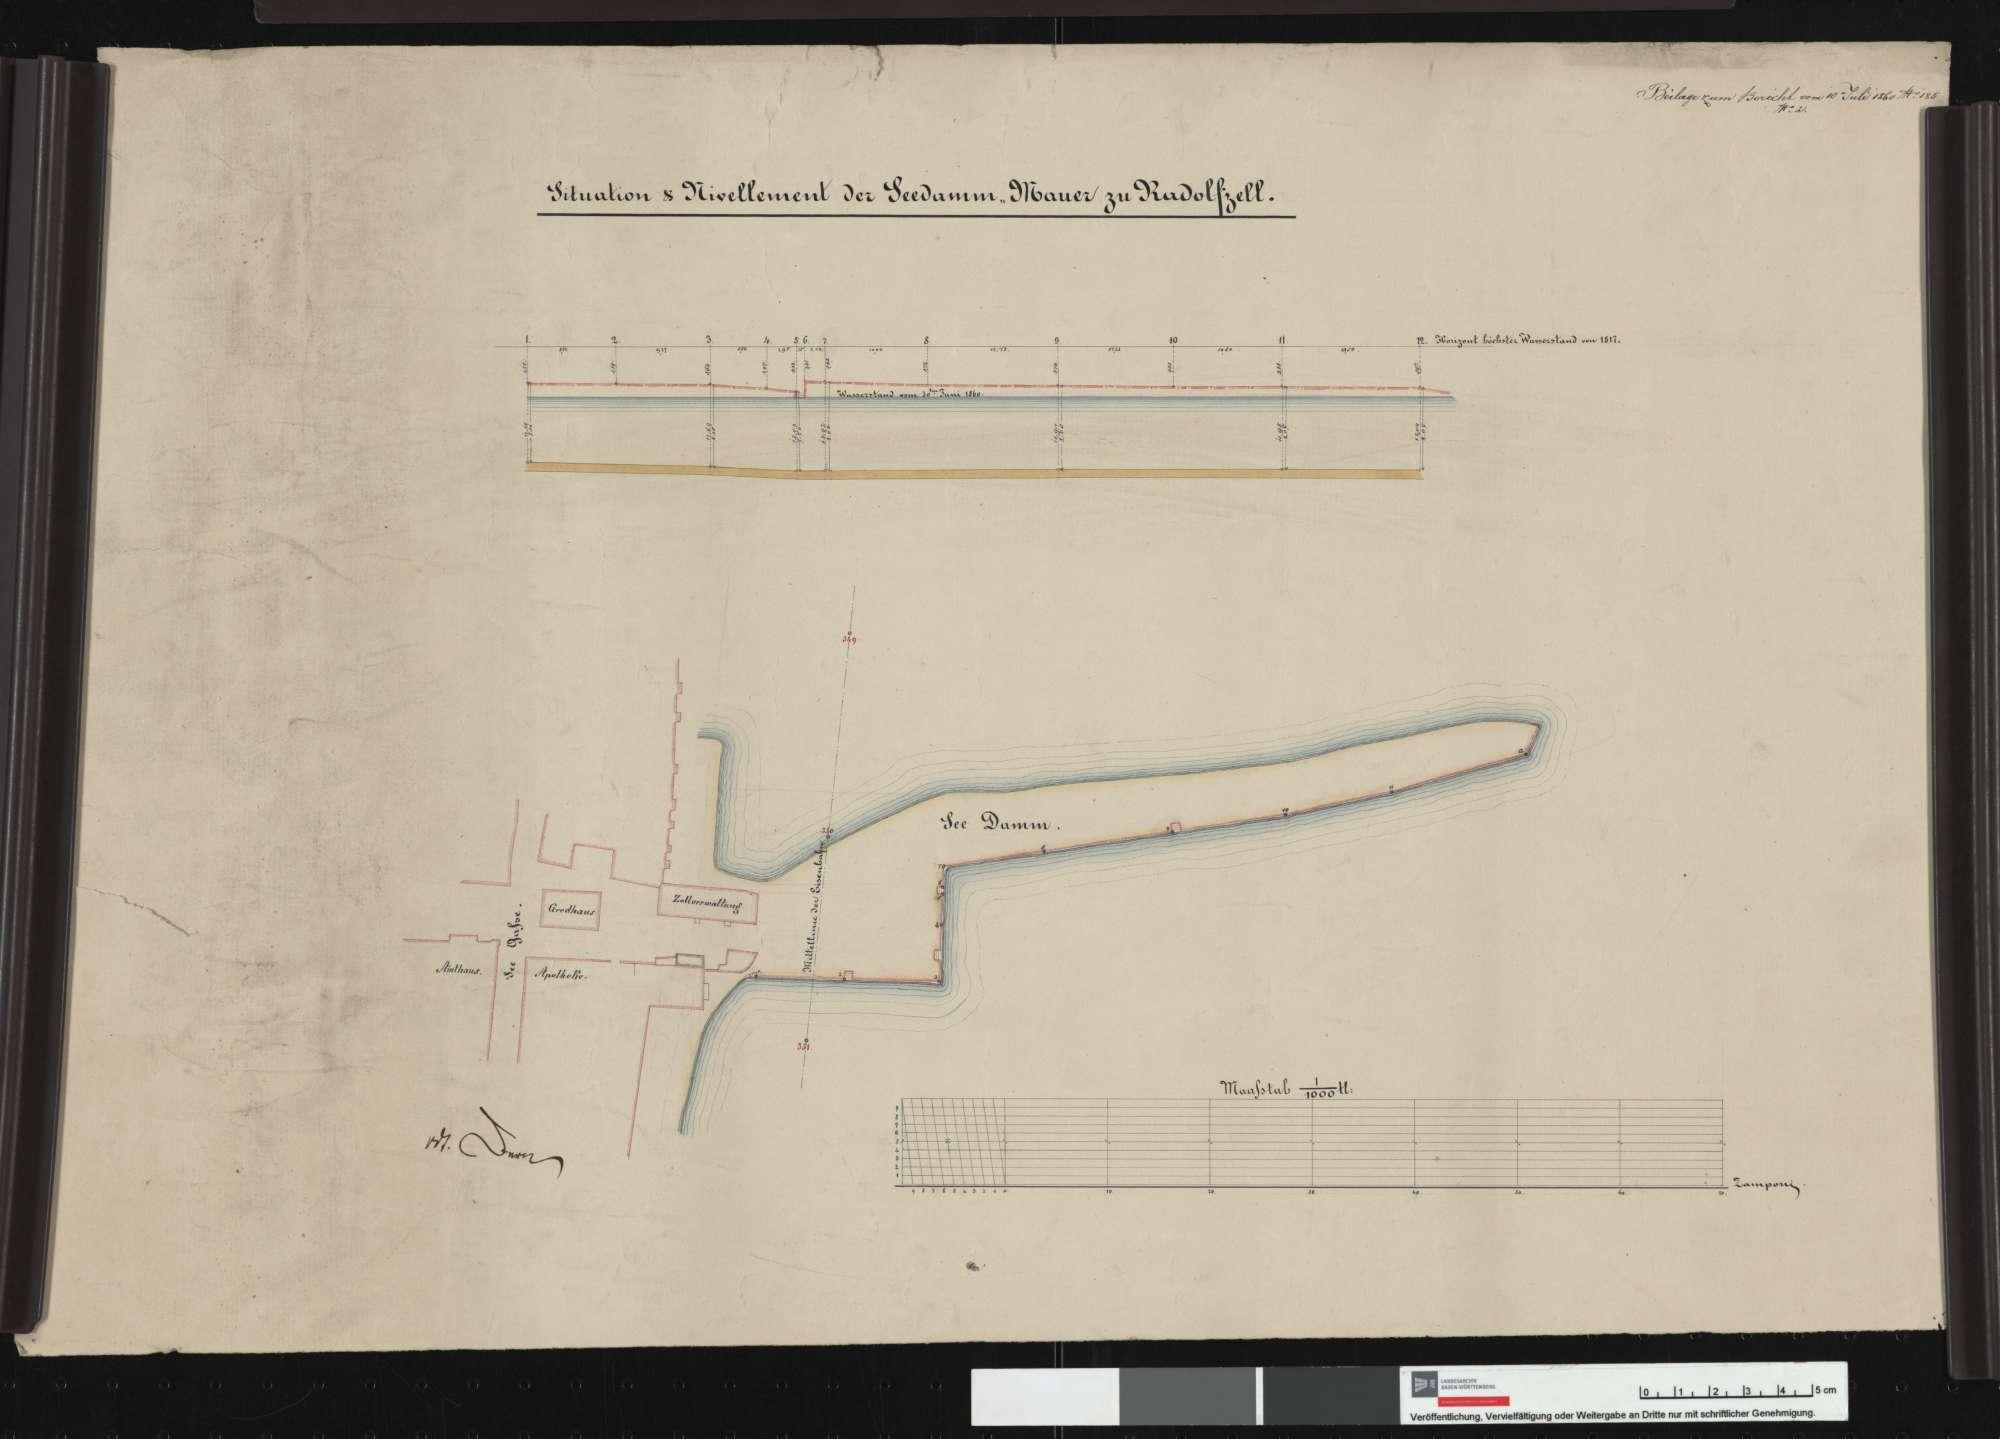 Seedamm-Mauer an der Eisenbahnlinie bei Radolfzell: Untersuchung des Baugrundes, Situation und Nivellement, Bild 1